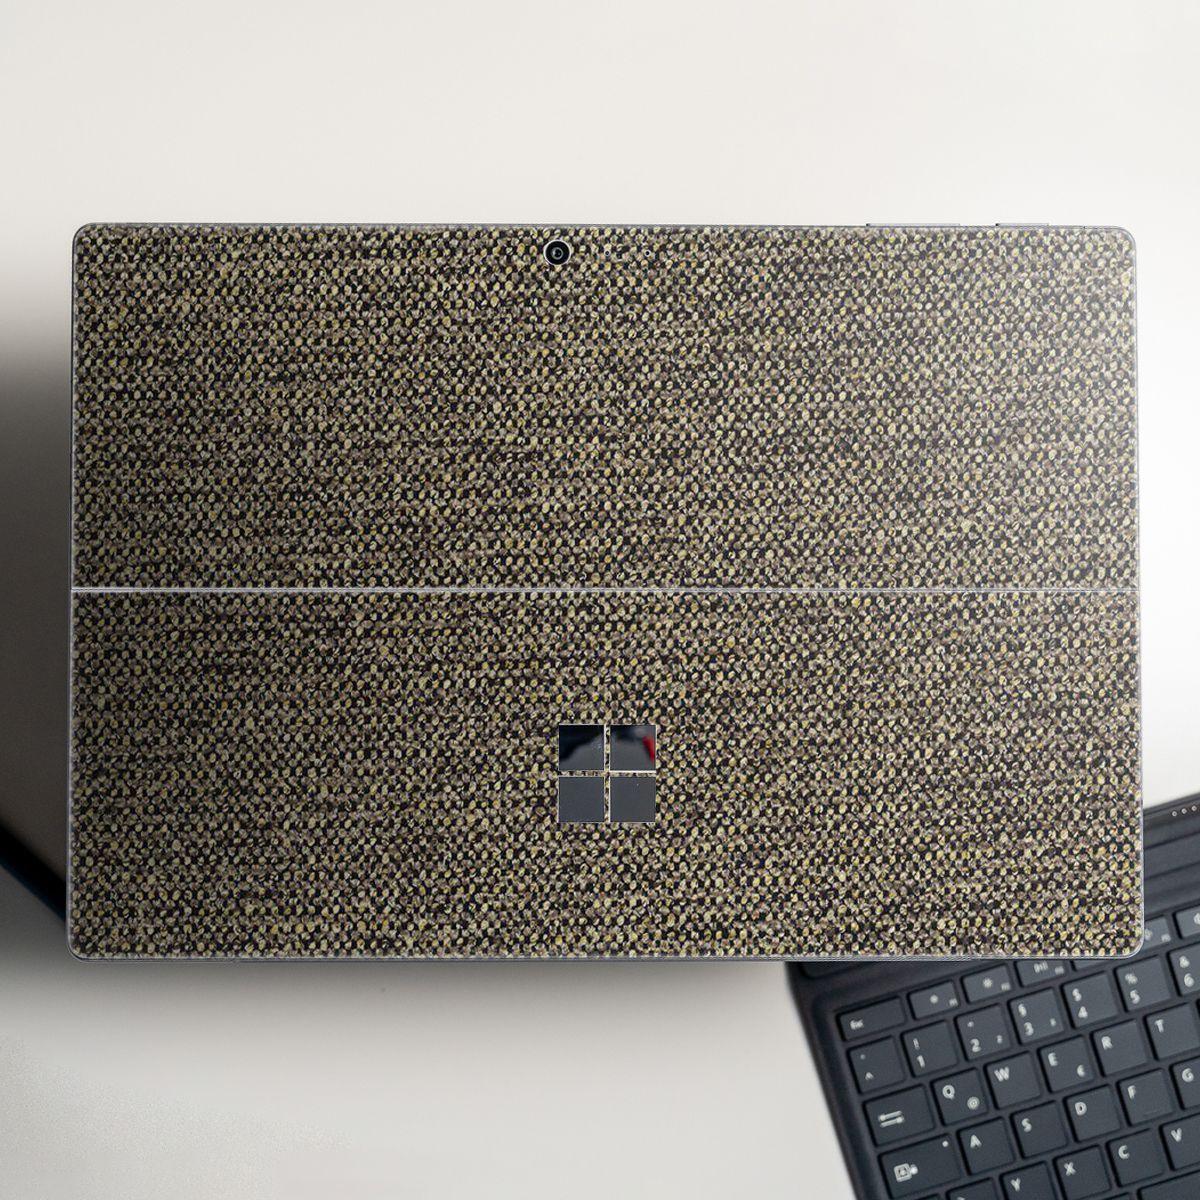 Skin dán hình vân vải cho Surface Go, Pro 2, Pro 3, Pro 4, Pro 5, Pro 6, Pro 7, Pro X